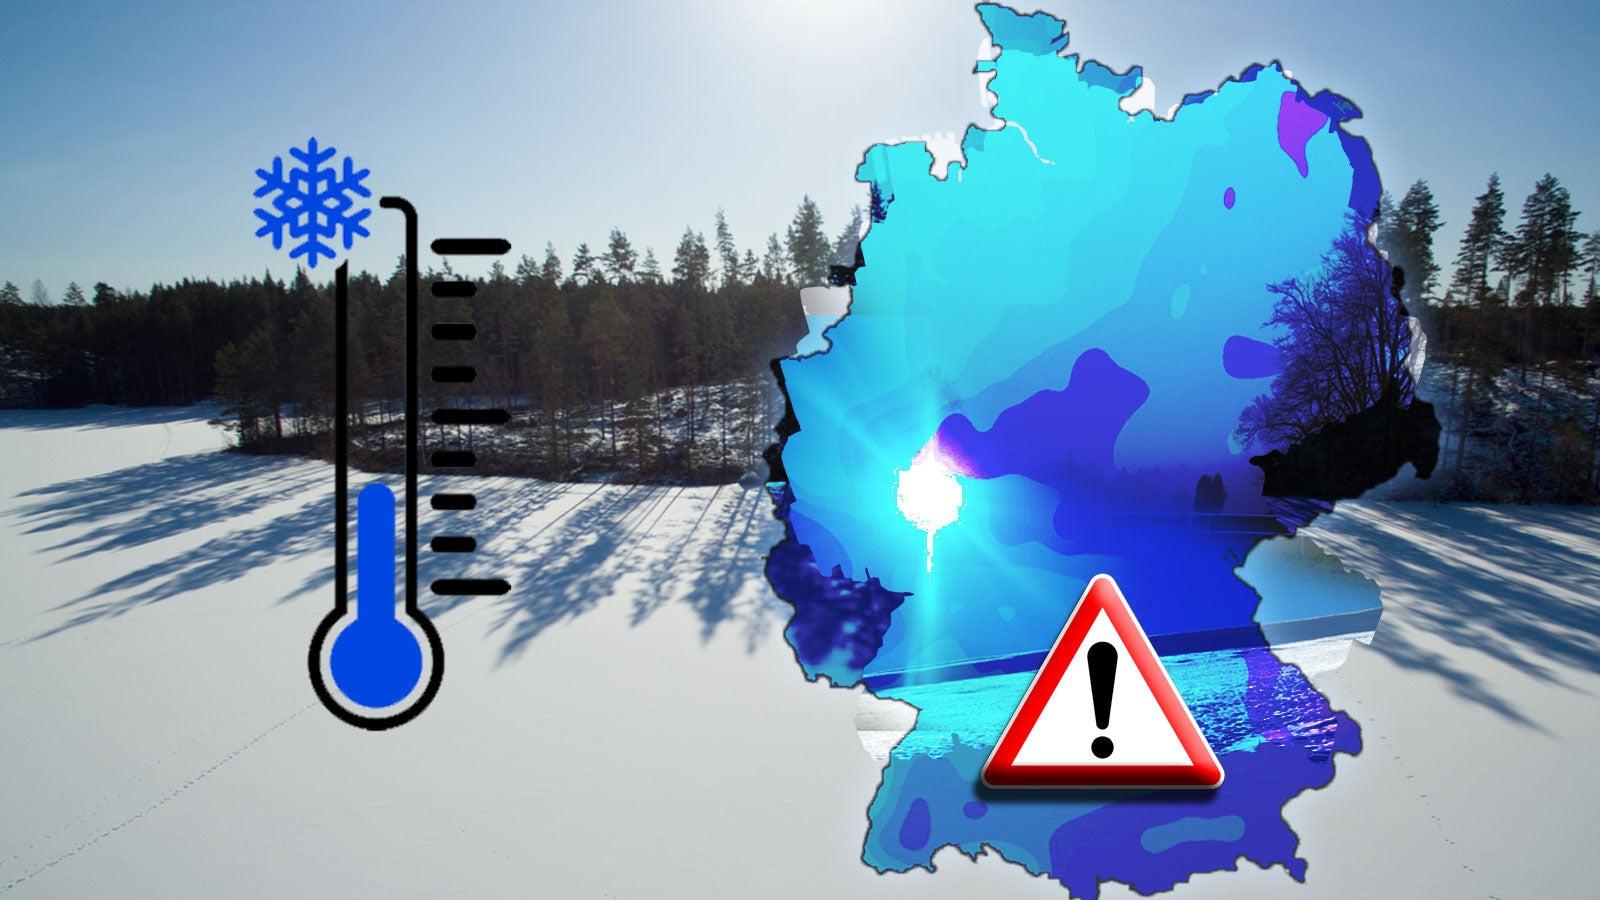 Deutschland wird zur Eiskammer: Auf uns rollt die größte Kältewelle des Winters zu